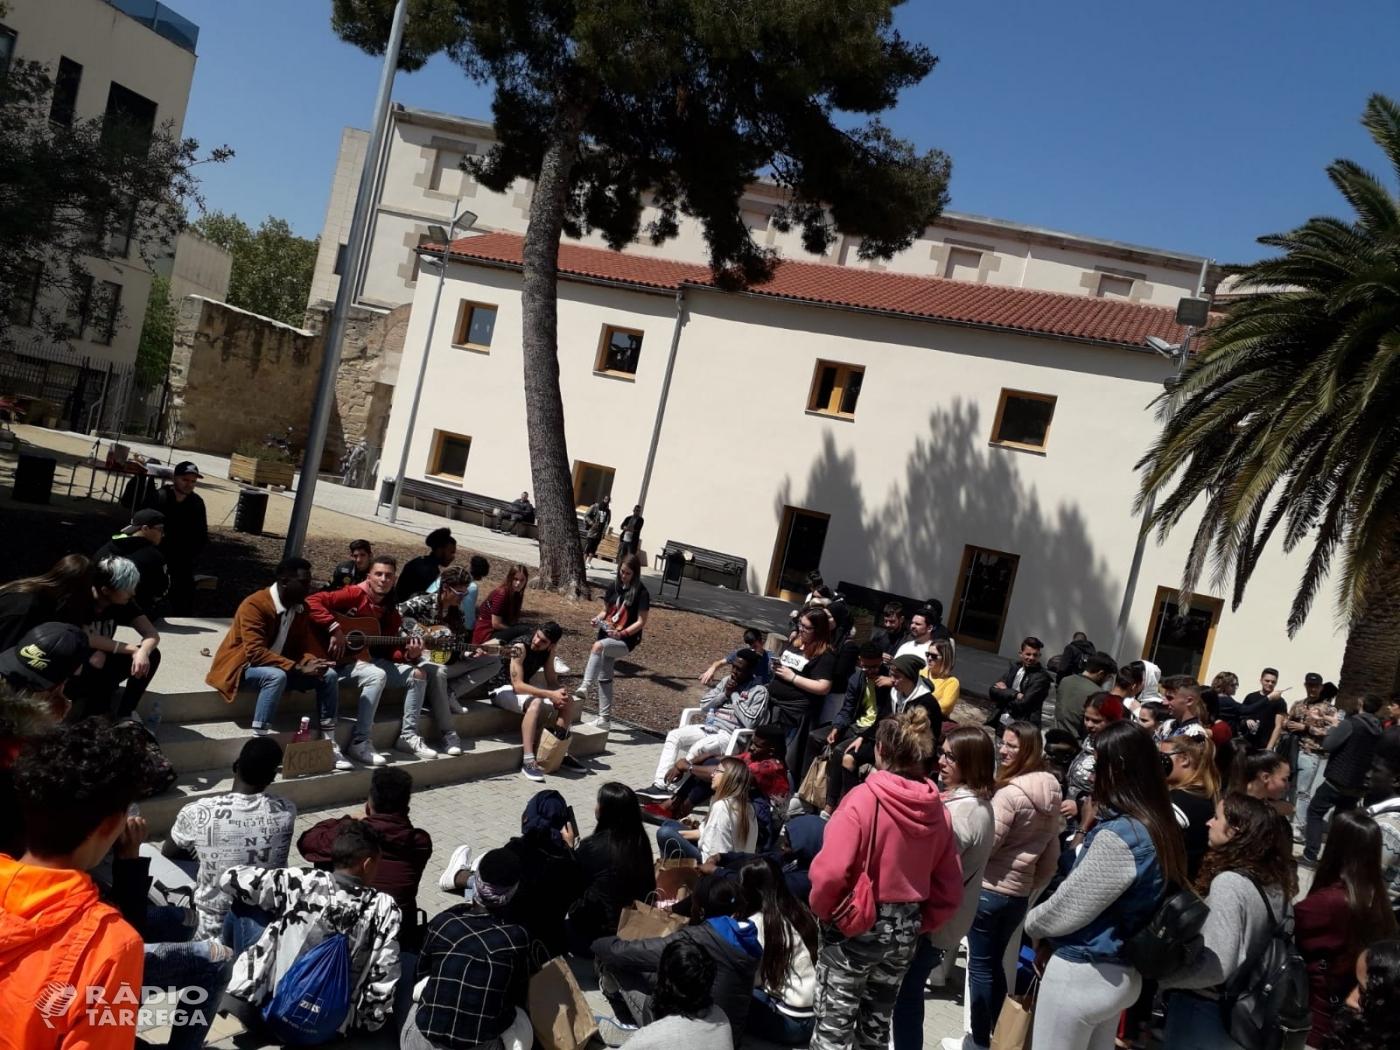 Uns 215 Joves participants del programa Noves Oportunitats es troben a Lleida per celebrar una jornada cultural